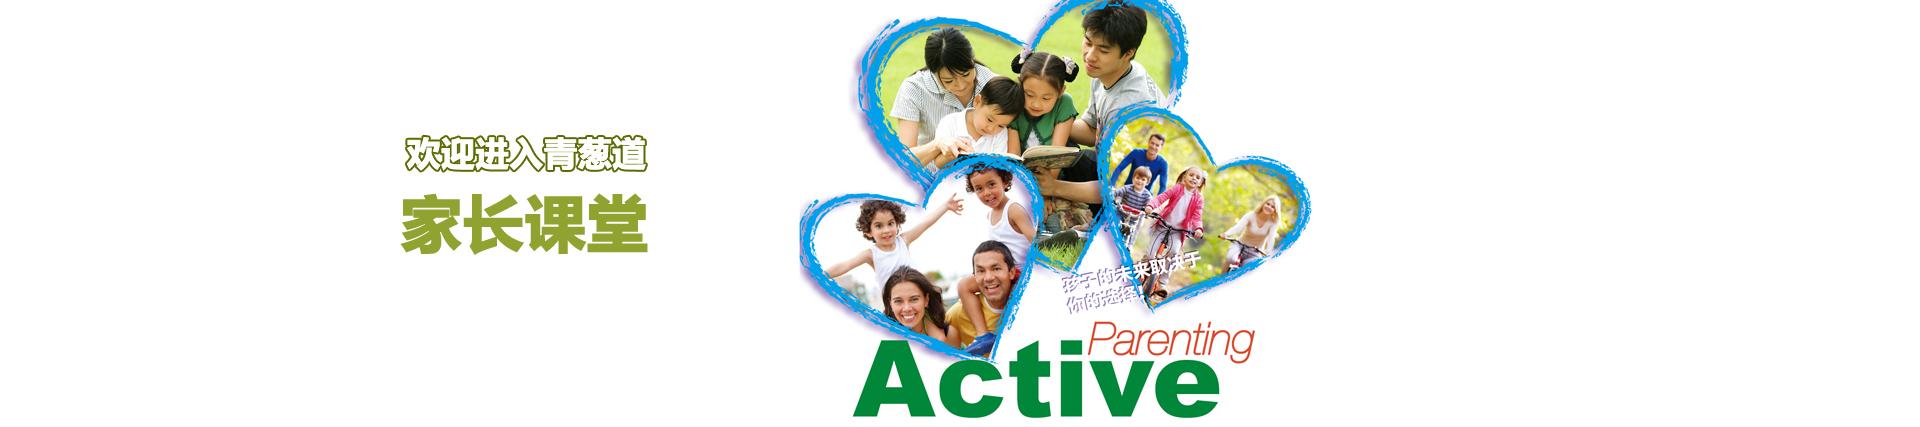 积极养育—孩子的未来取决于你的选择!